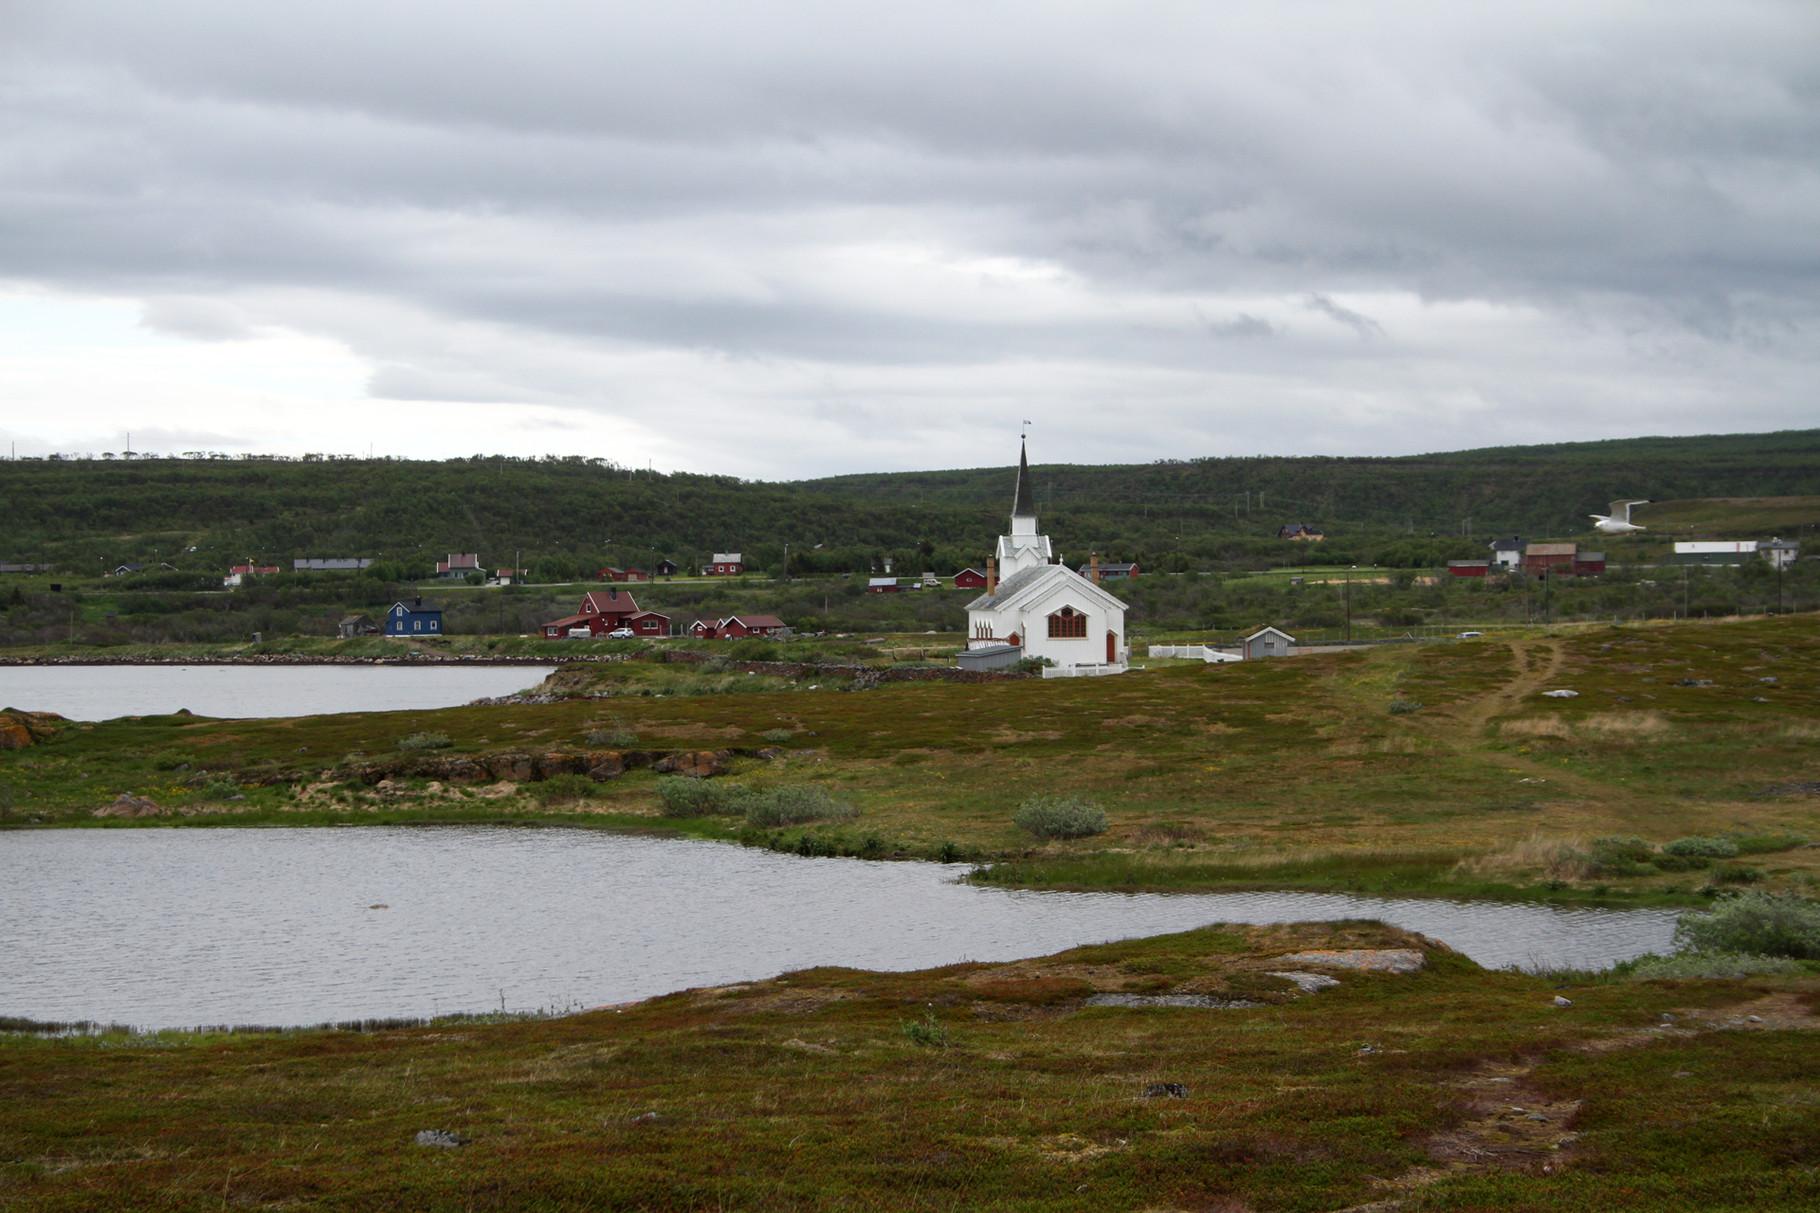 Vom Pasvik-Tal fuhren wir am 25. Juni weiter zum Varanger-Fjord, ein bekannter Beobachtungsplatz befindet sich bei der Kirche von Nesseby